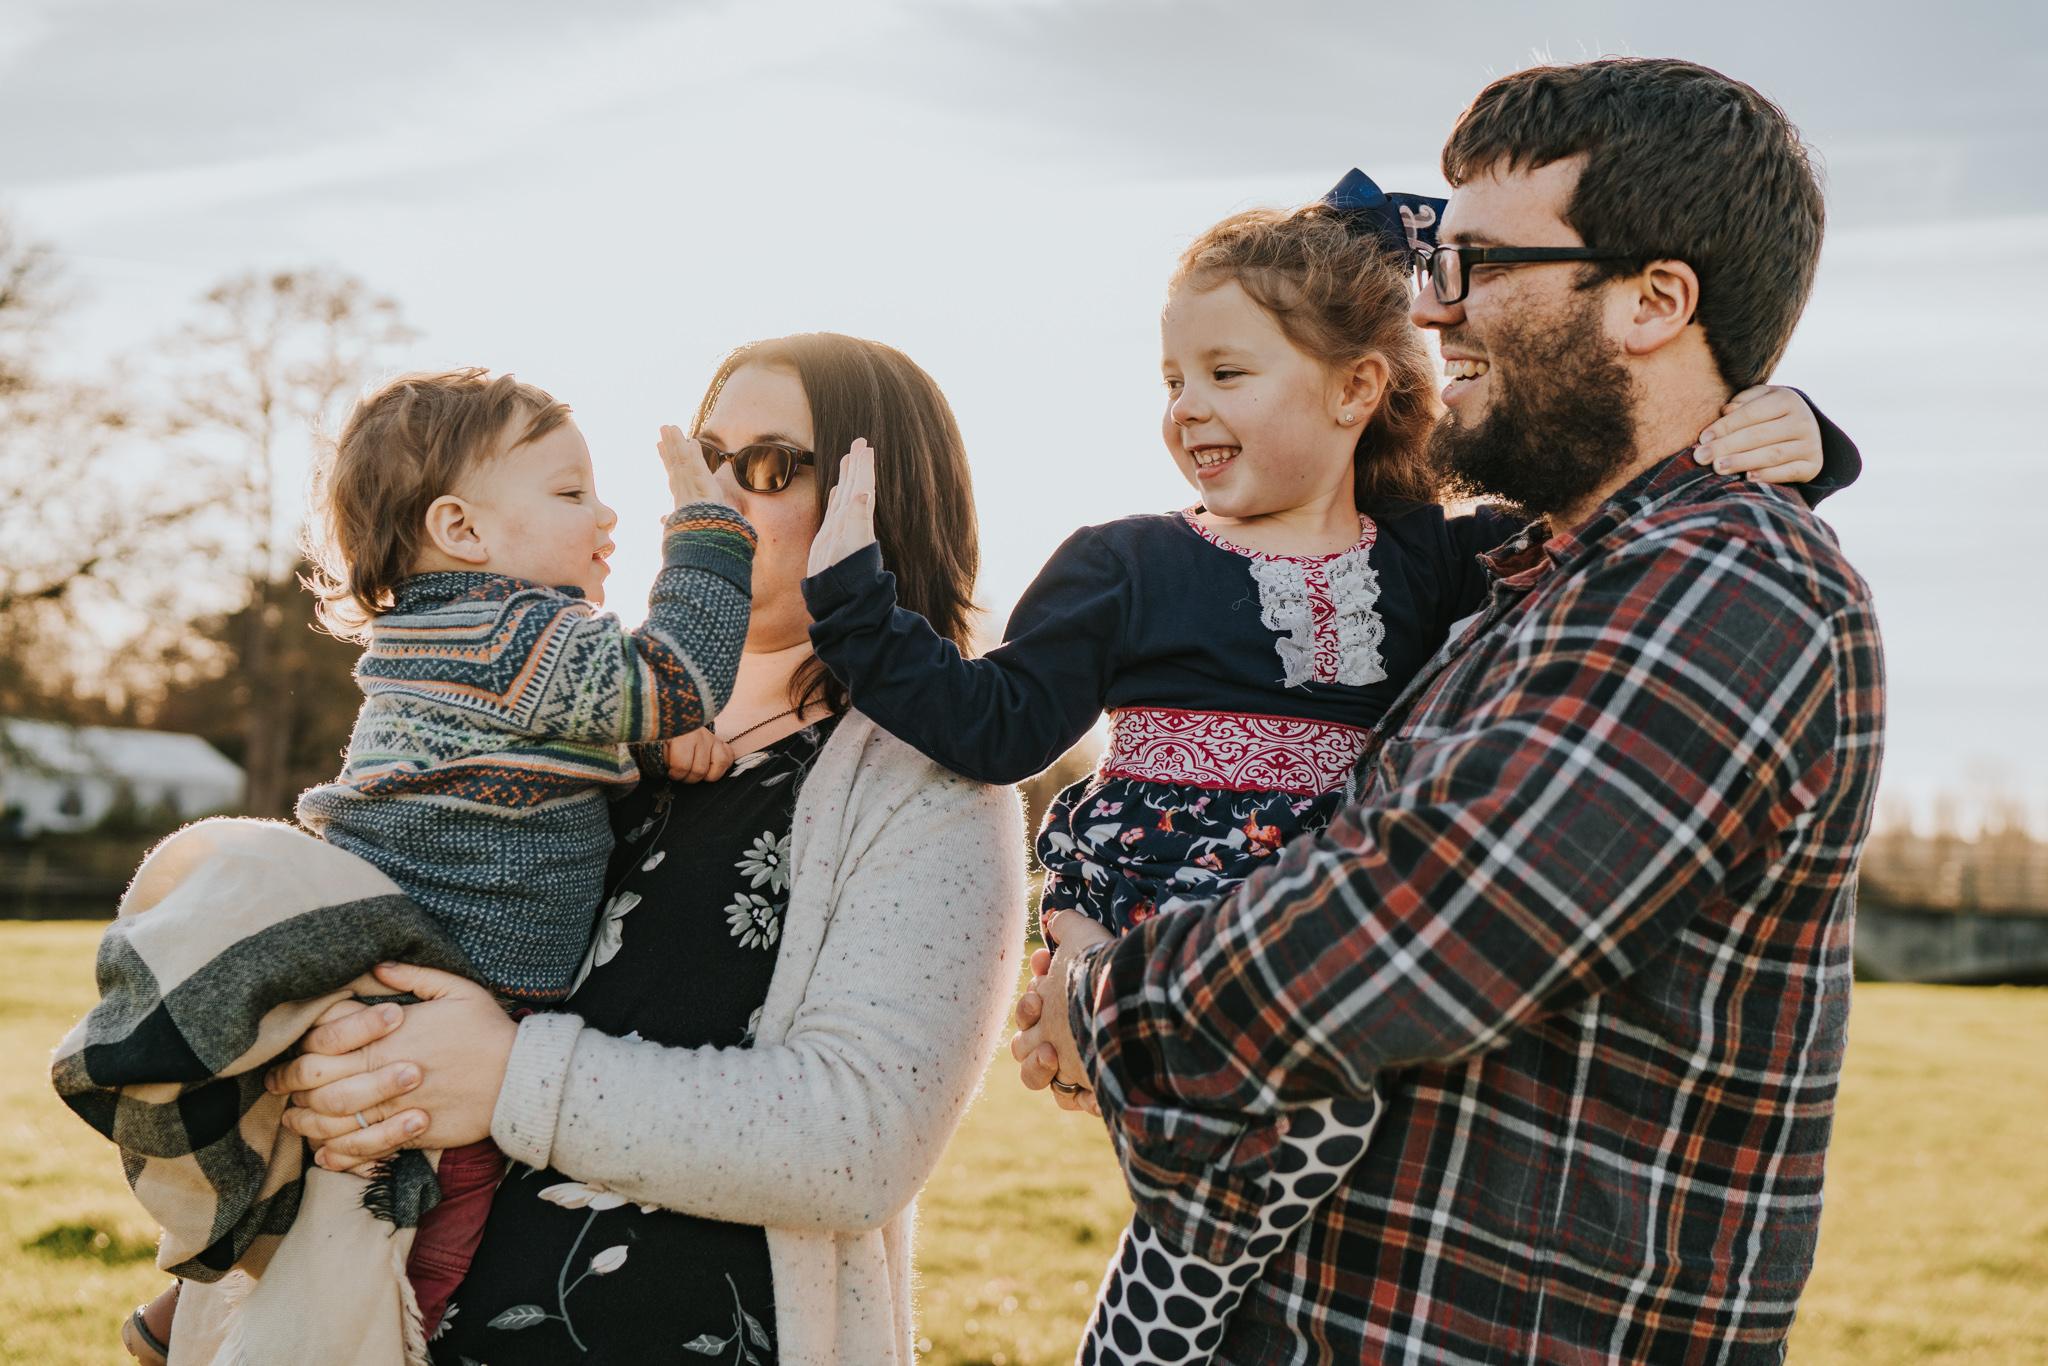 mcpherson-extended-family-session-dedham-grace-elizabeth-colchester-essex-alternative-wedding-lifestyle-photographer-essex-suffolk-norfolk-devon (27 of 57).jpg